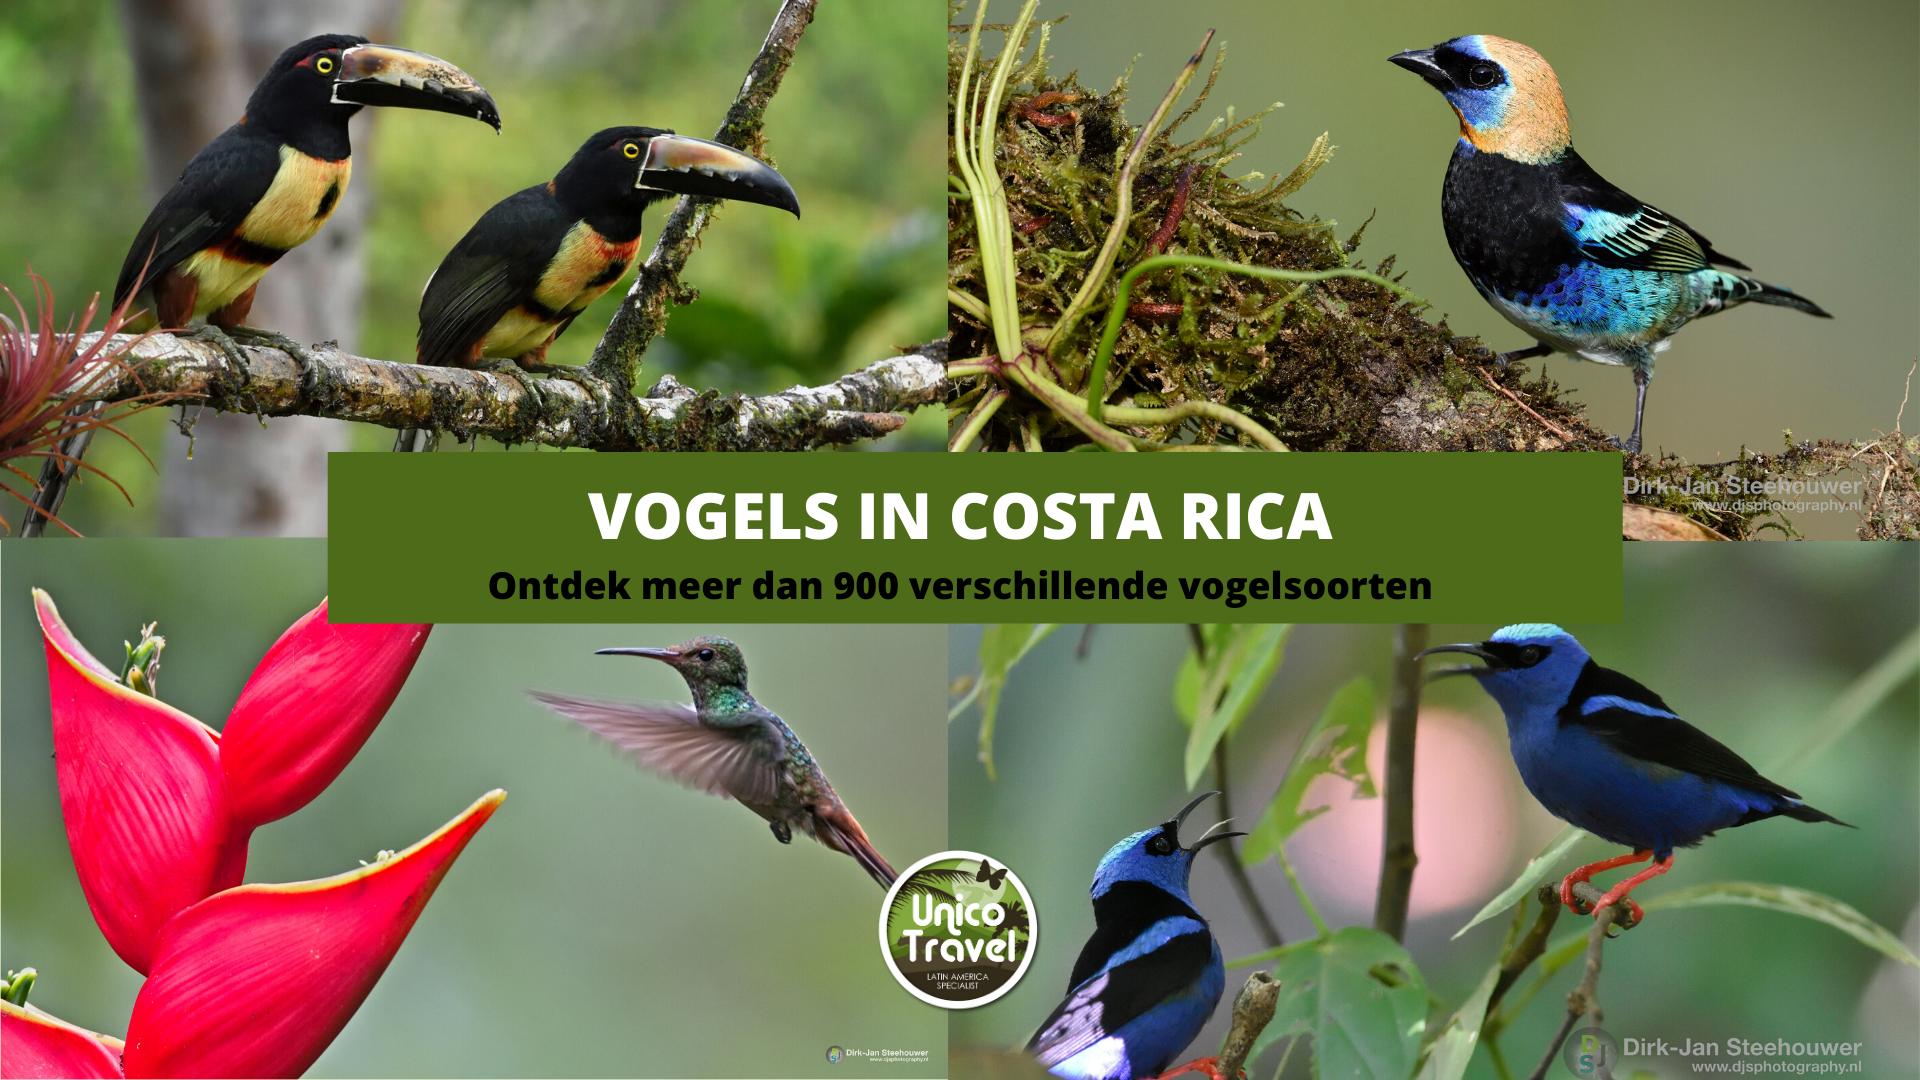 Vogels in Costa Rica